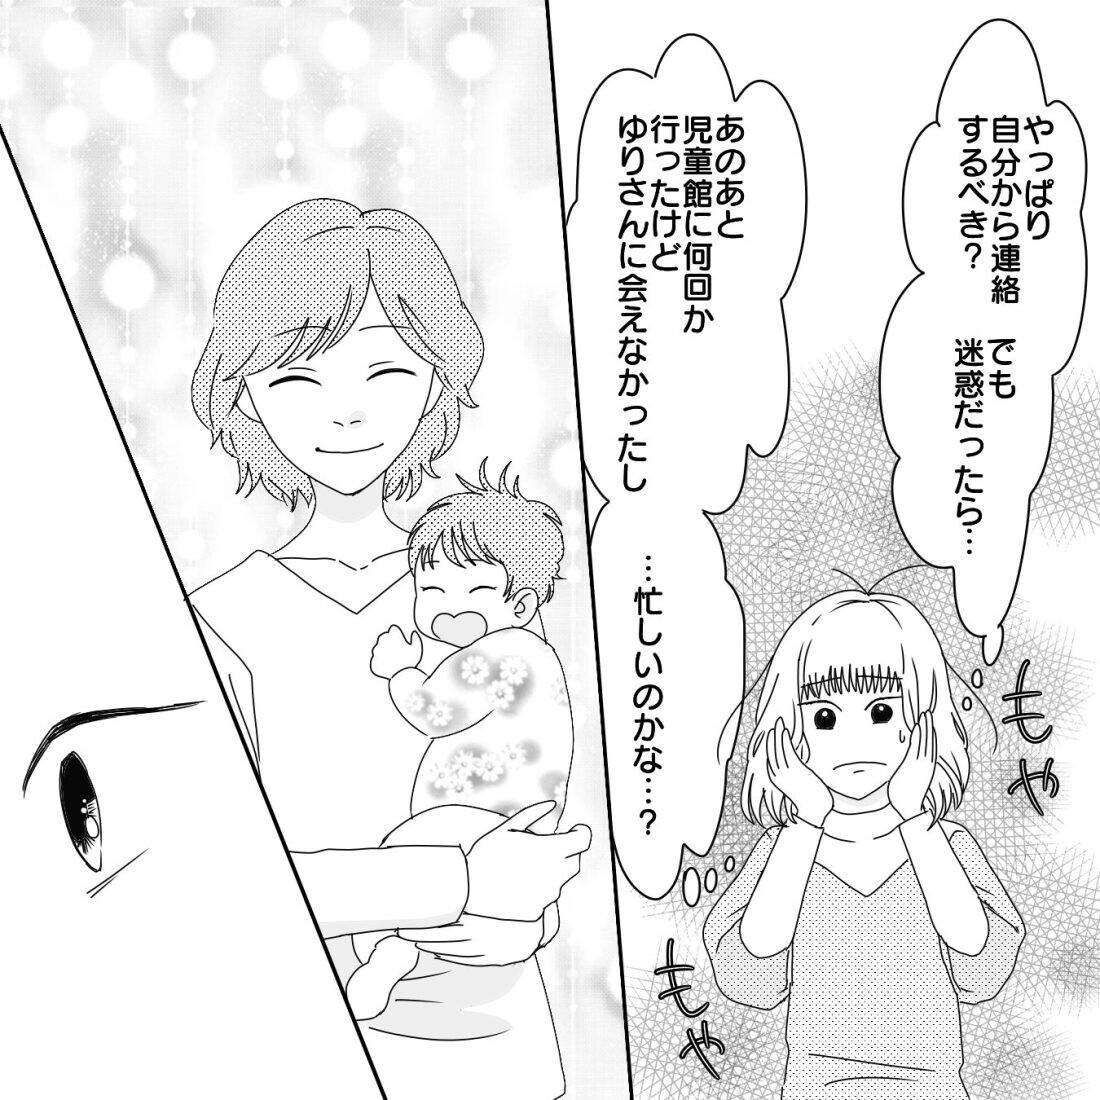 会いたいのは私だけ? なかなか来ないメッセージにモヤモヤ…【ママ友になりませんか? Vol.6】